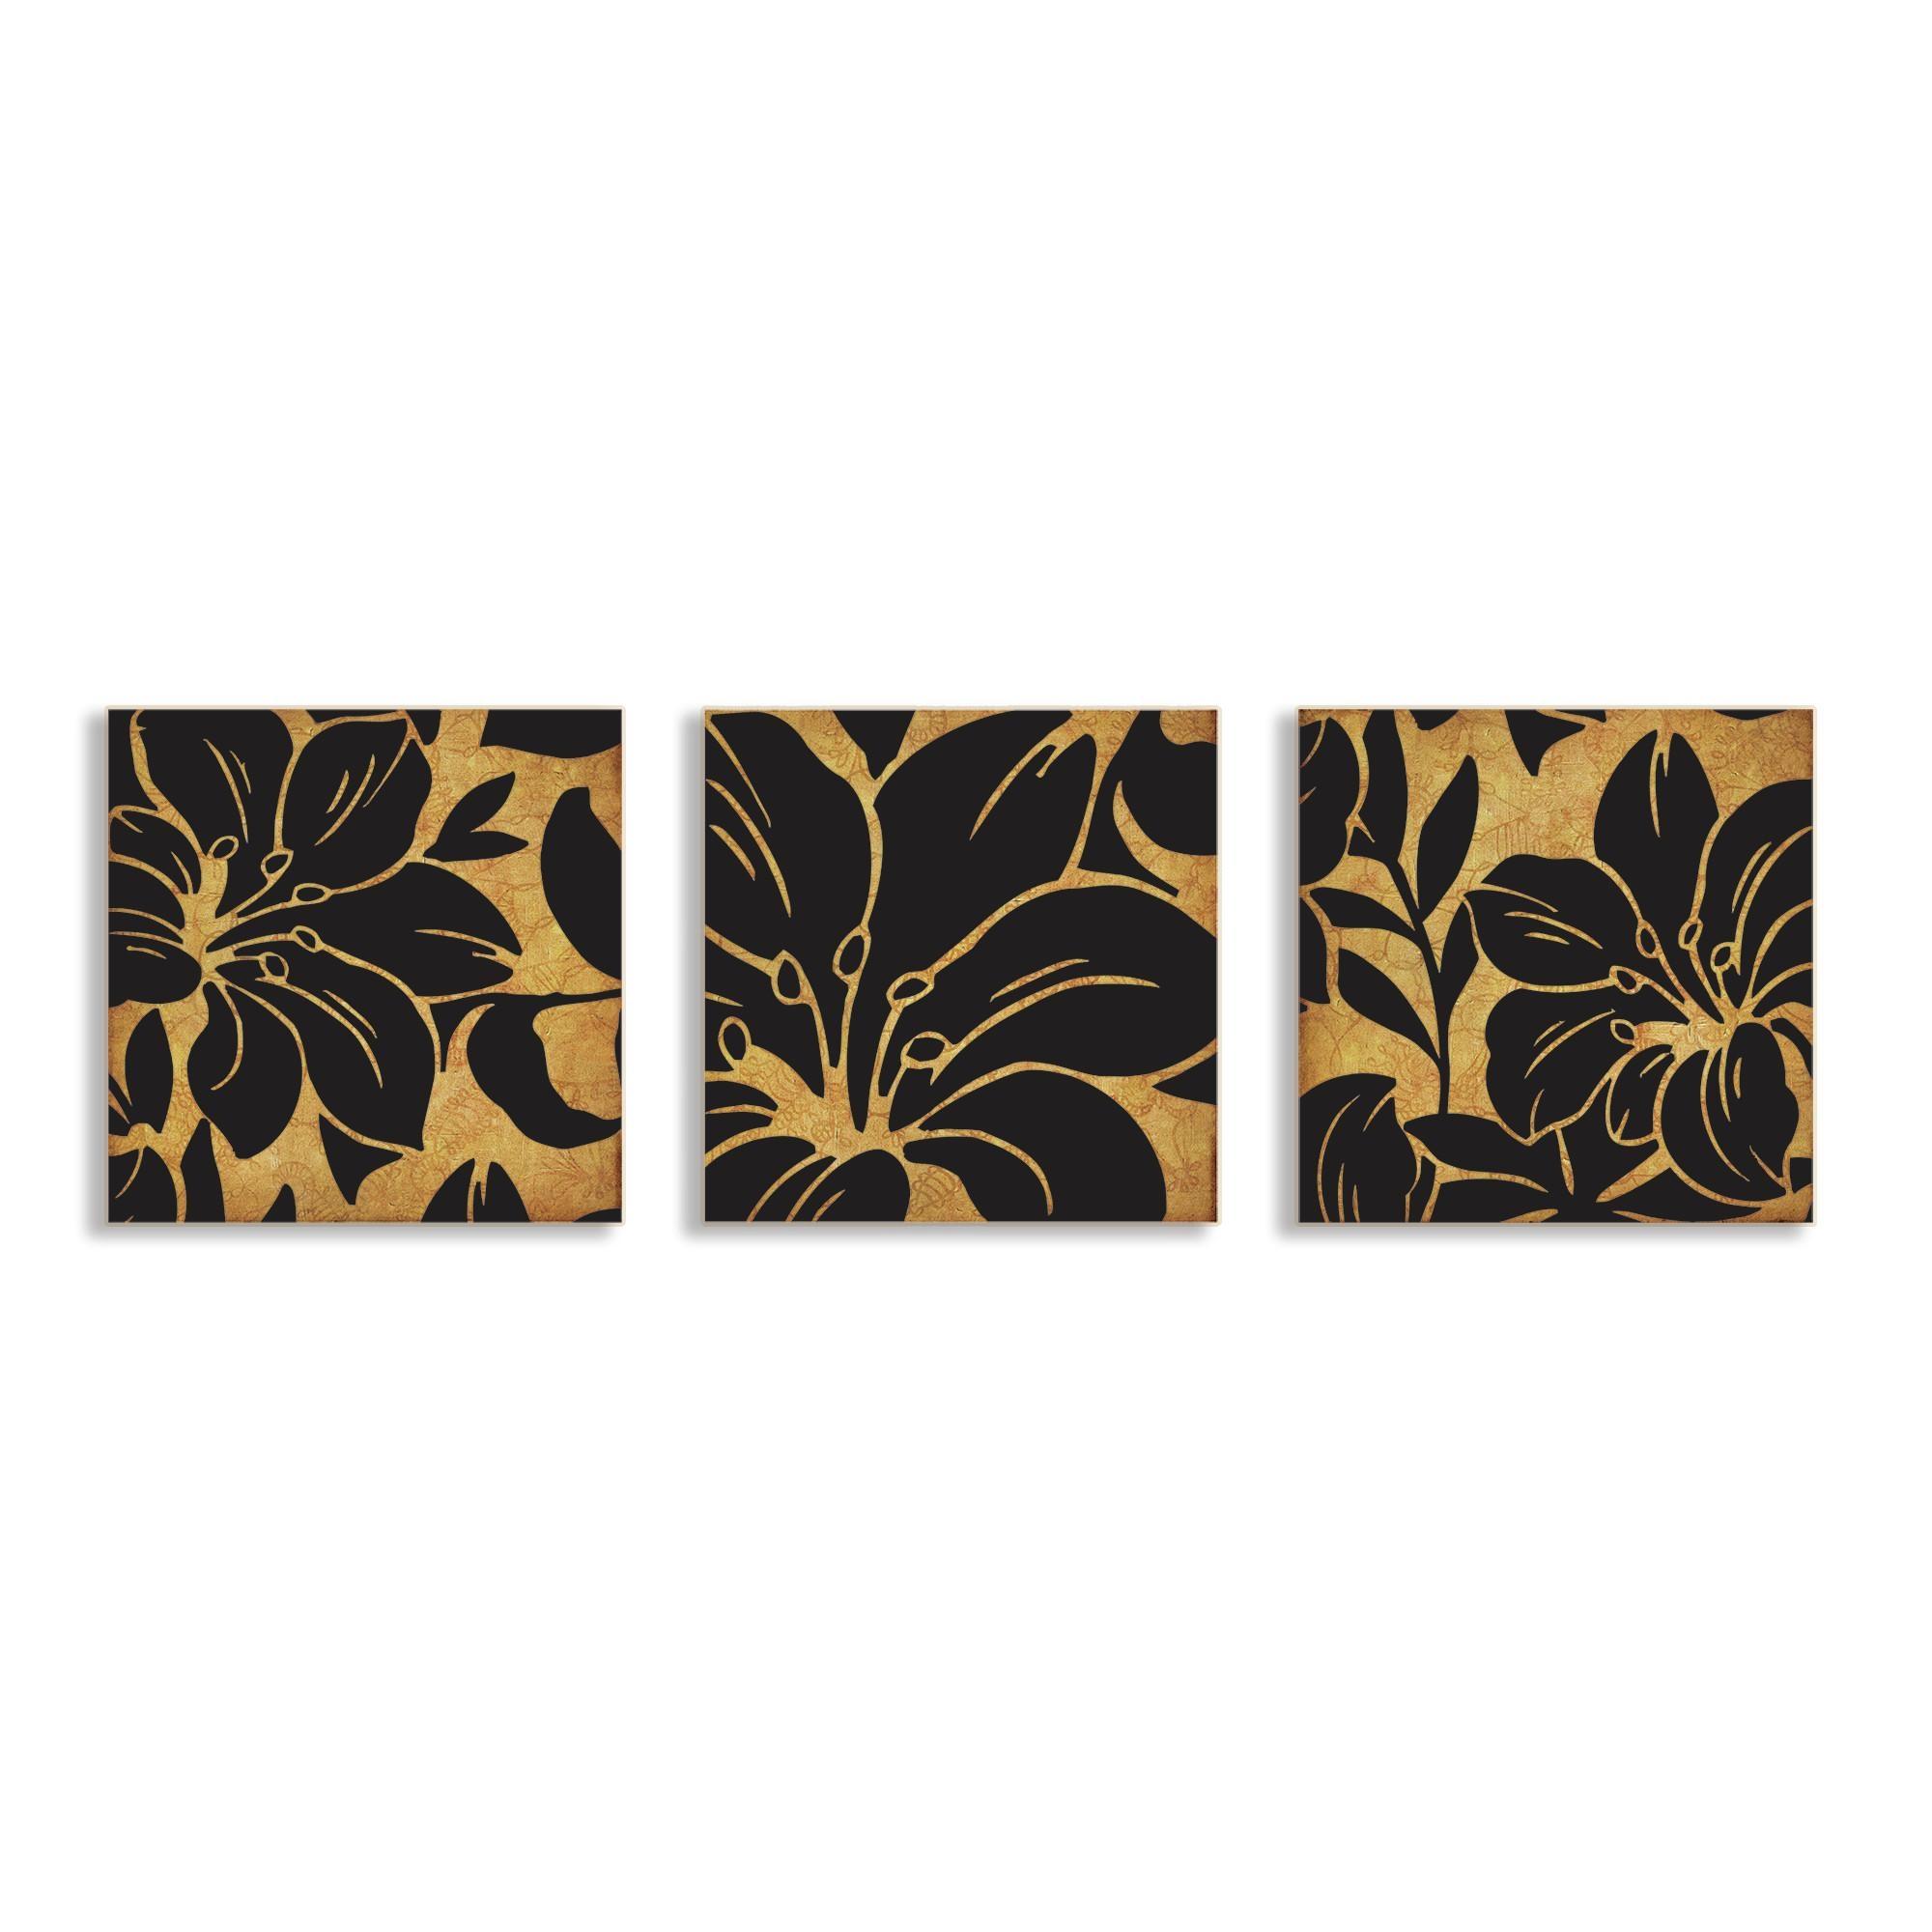 3 Piece Canvas Wall Art | Roselawnlutheran for 3 Piece Canvas Wall Art Sets